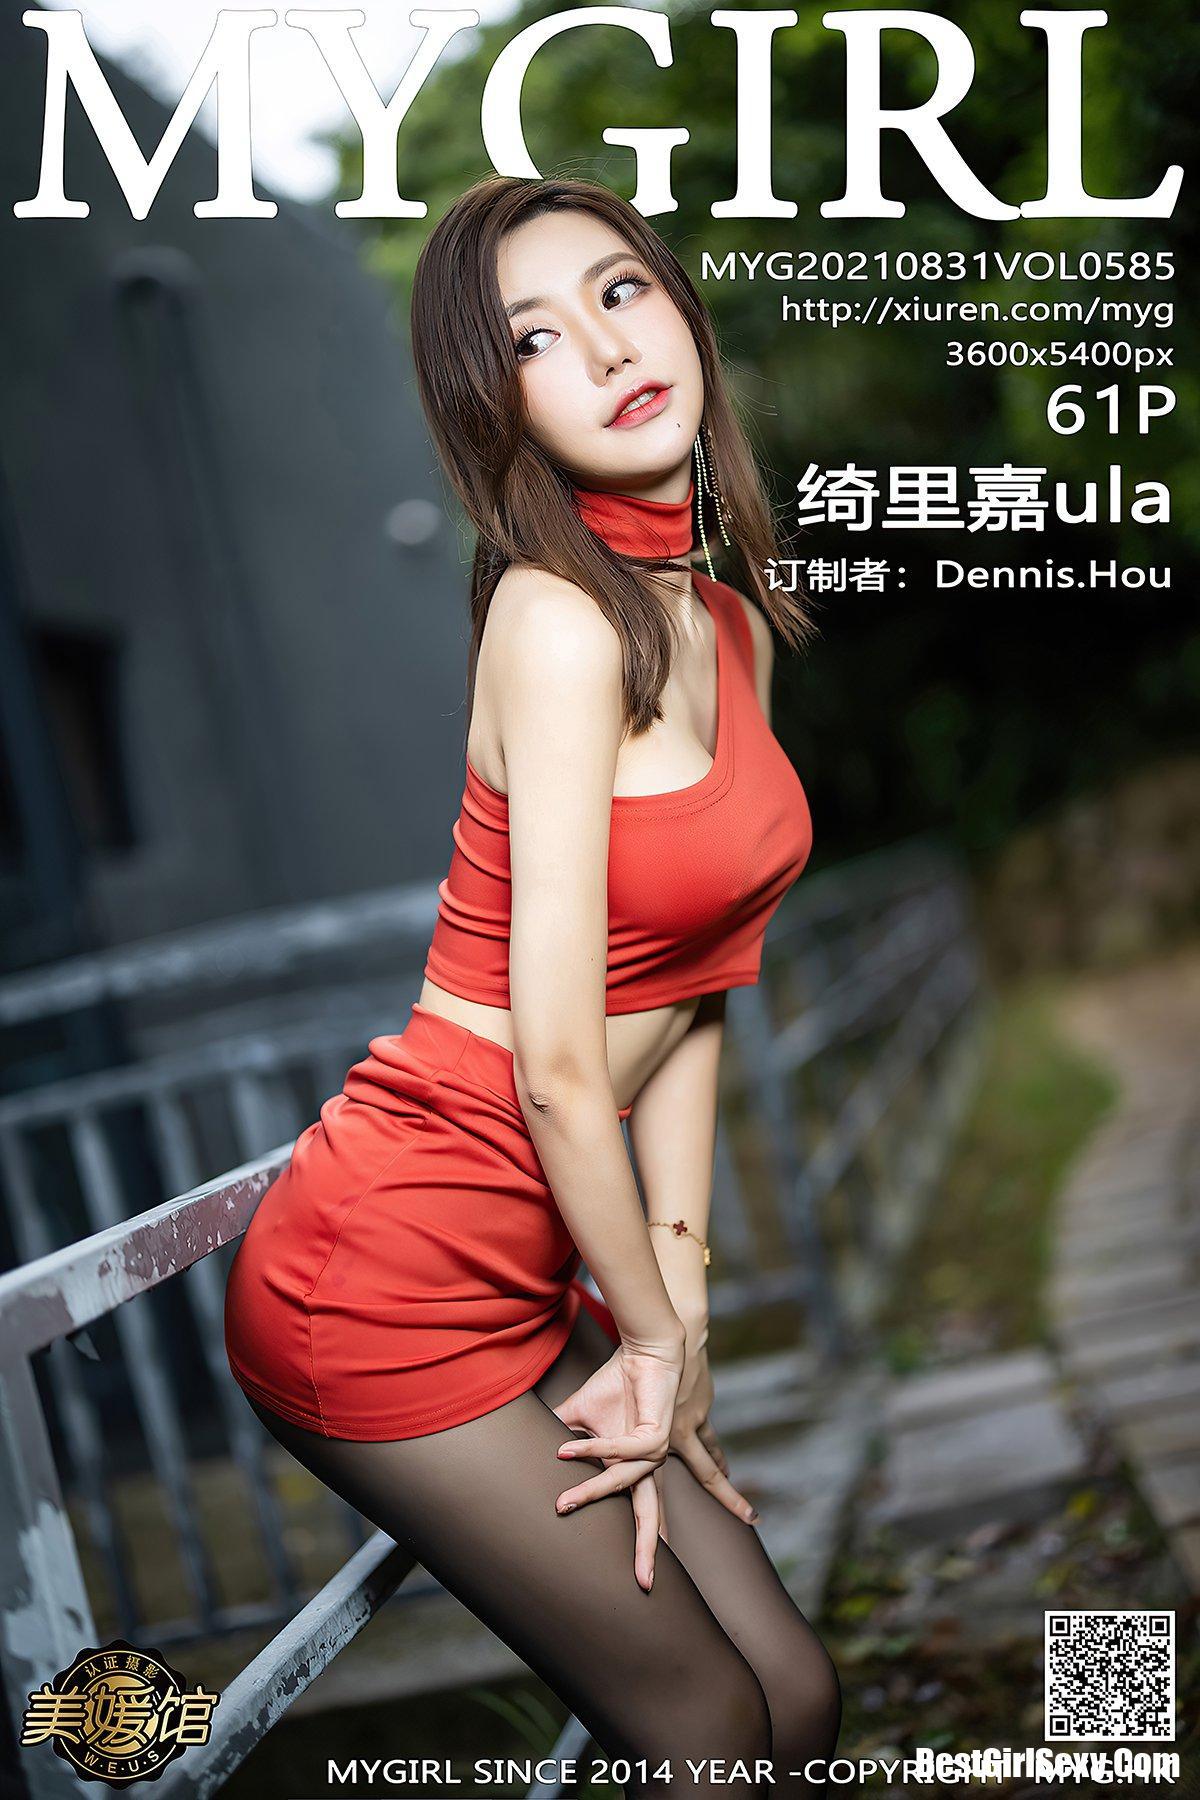 MyGirl美媛馆 Vol.585 Qi Li Jia 2